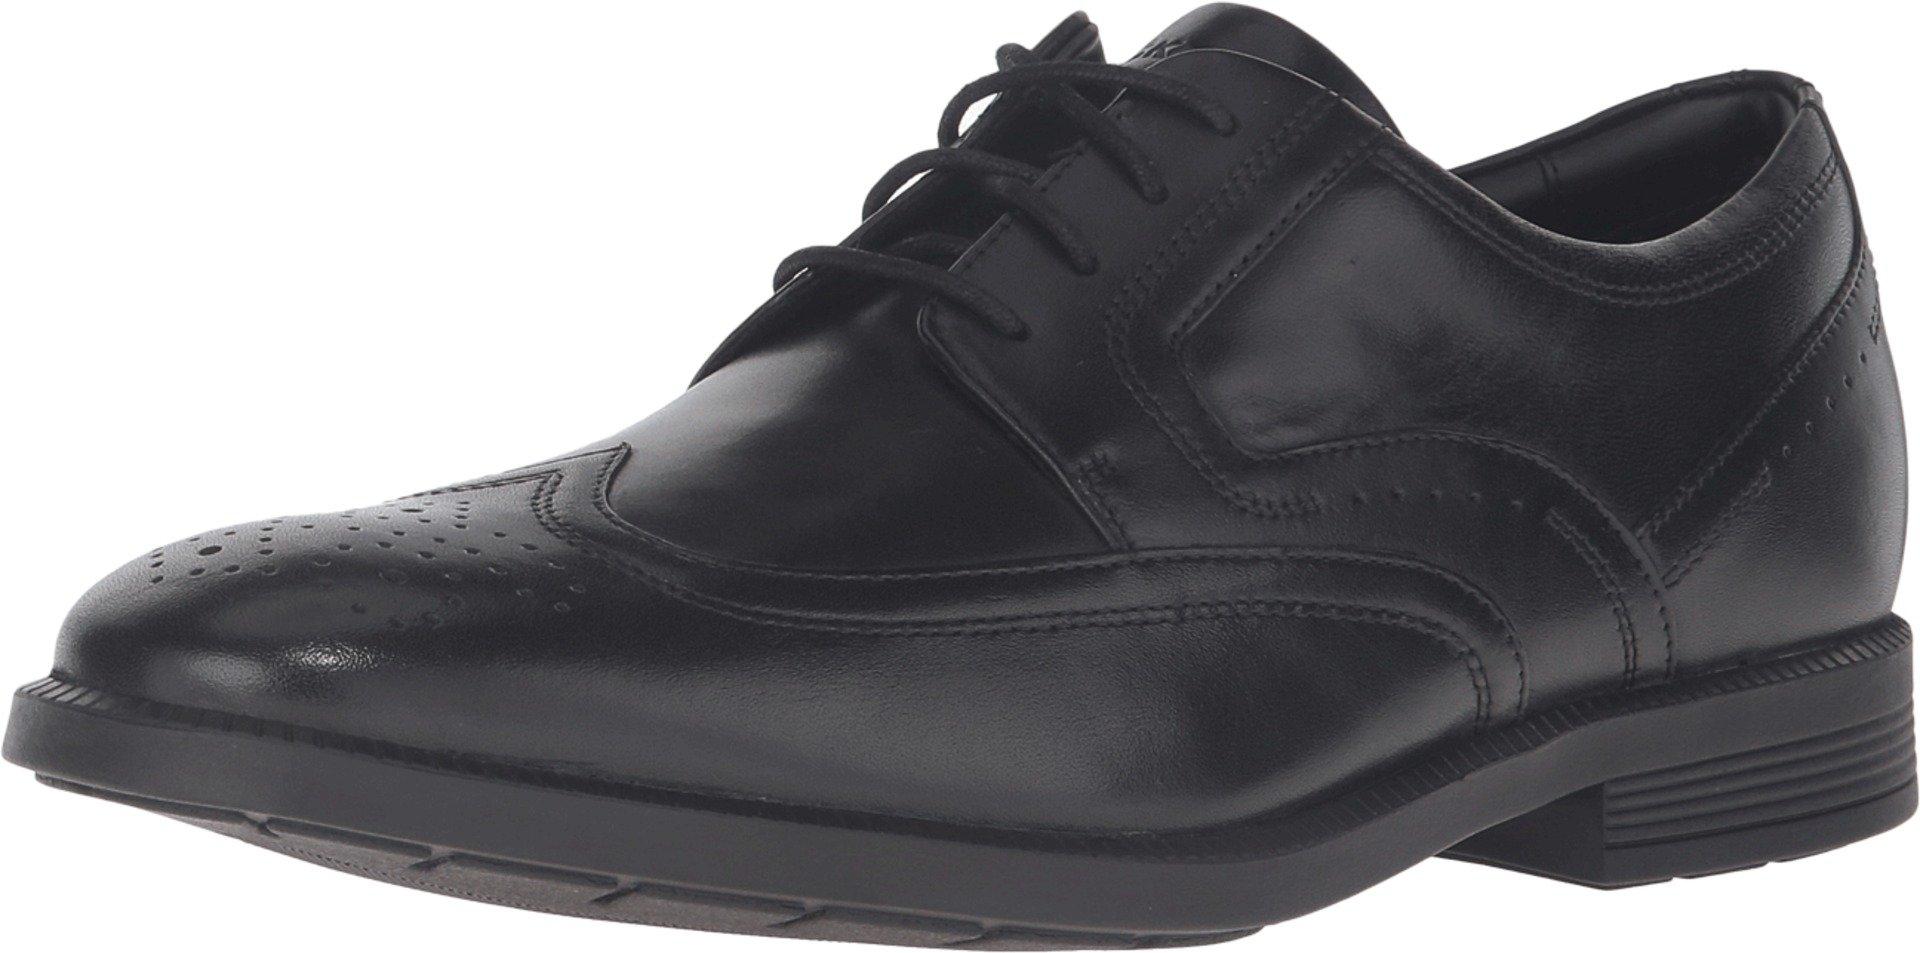 Rockport Men's Dressports Business Wing Tip Shoe, Black, 10 M US